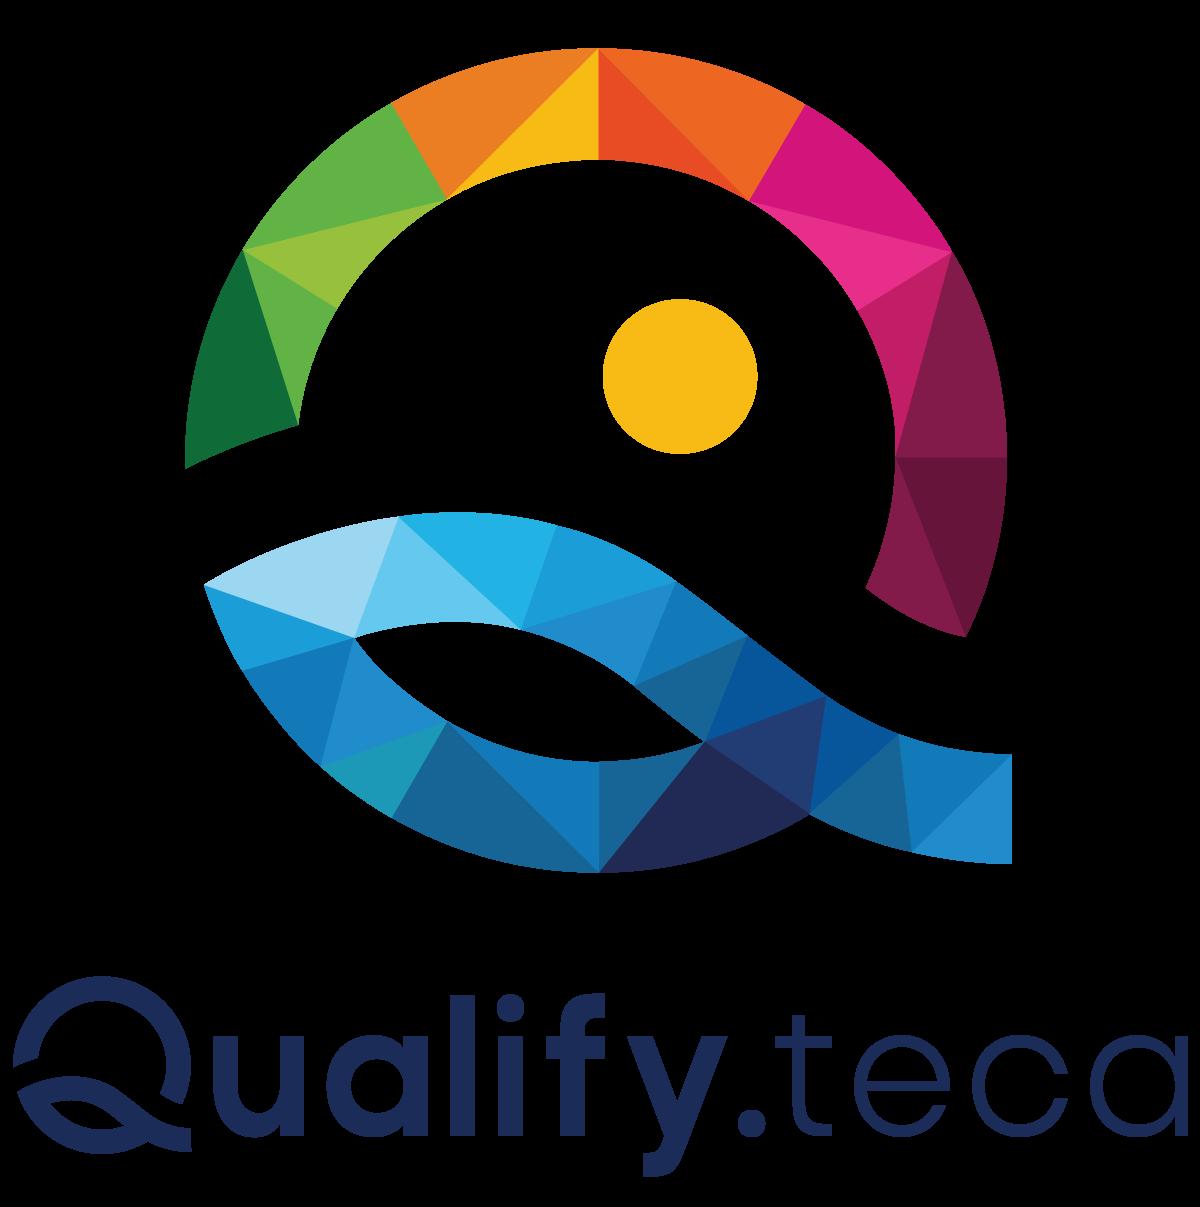 QUALIFY.TECA é novo projeto do consórcio AECOA / AEA